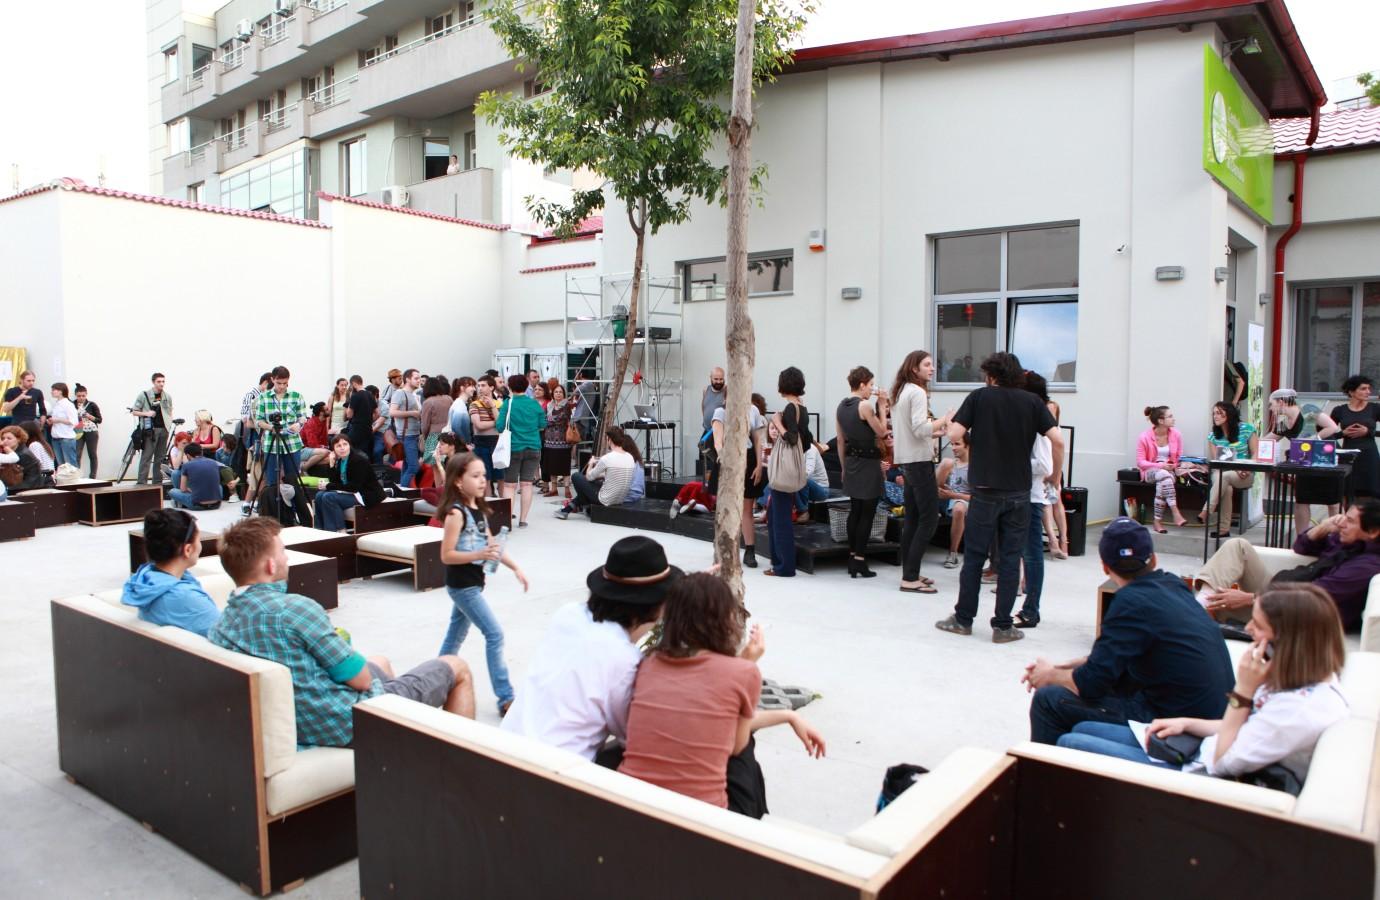 Spectacole, ateliere și muzică live în această vară la CNDB!